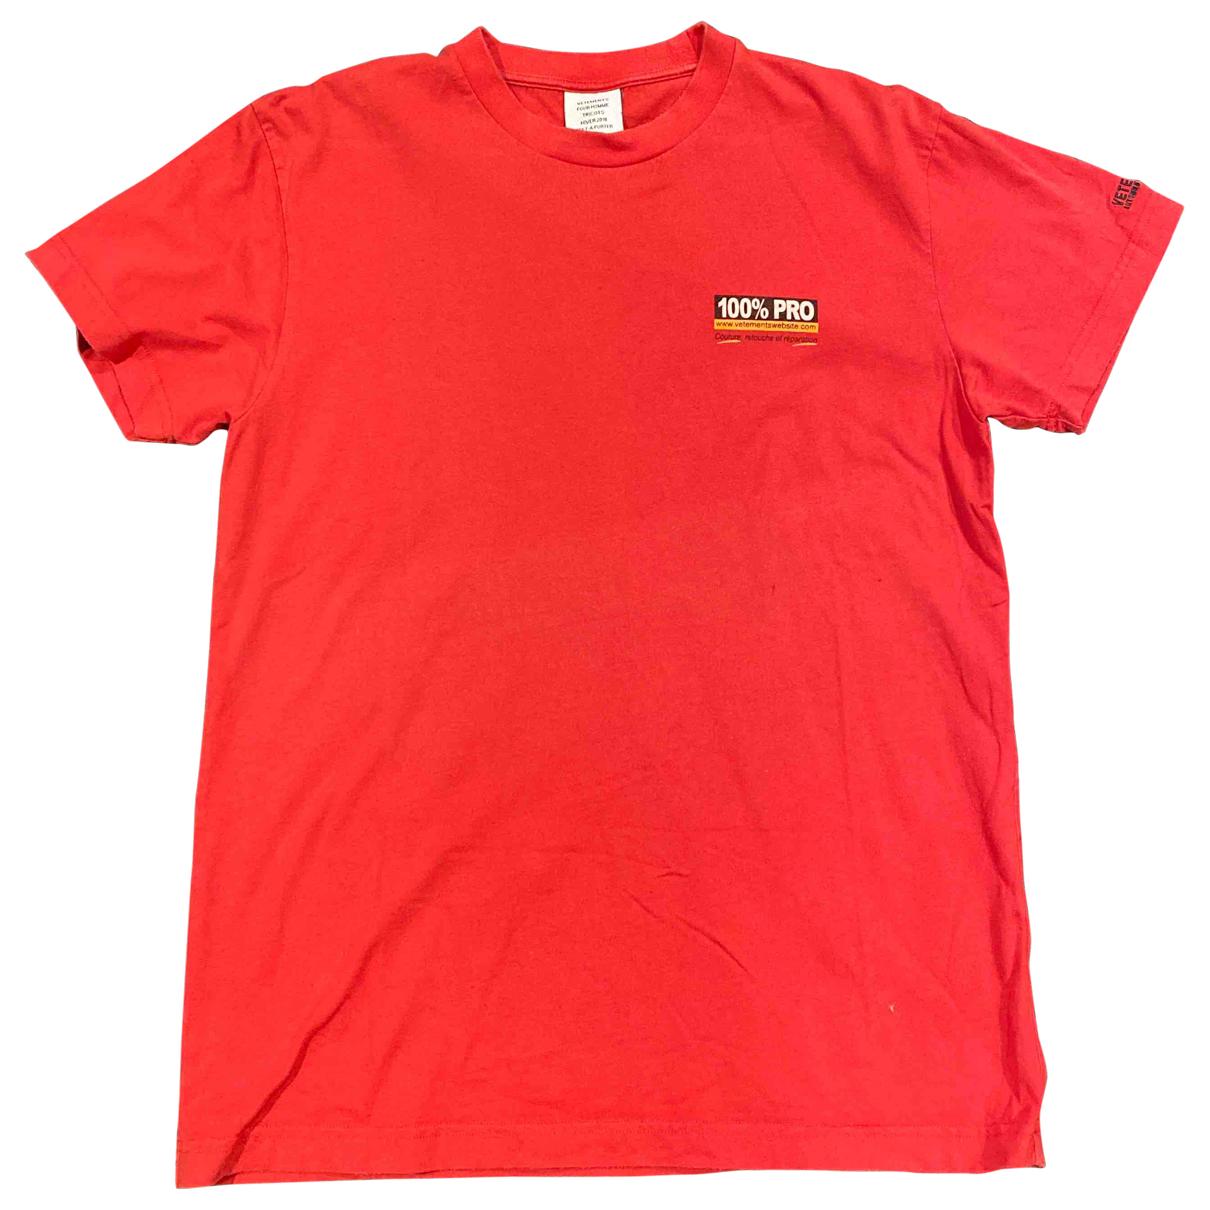 Vetements - Tee shirts   pour homme en coton - rouge